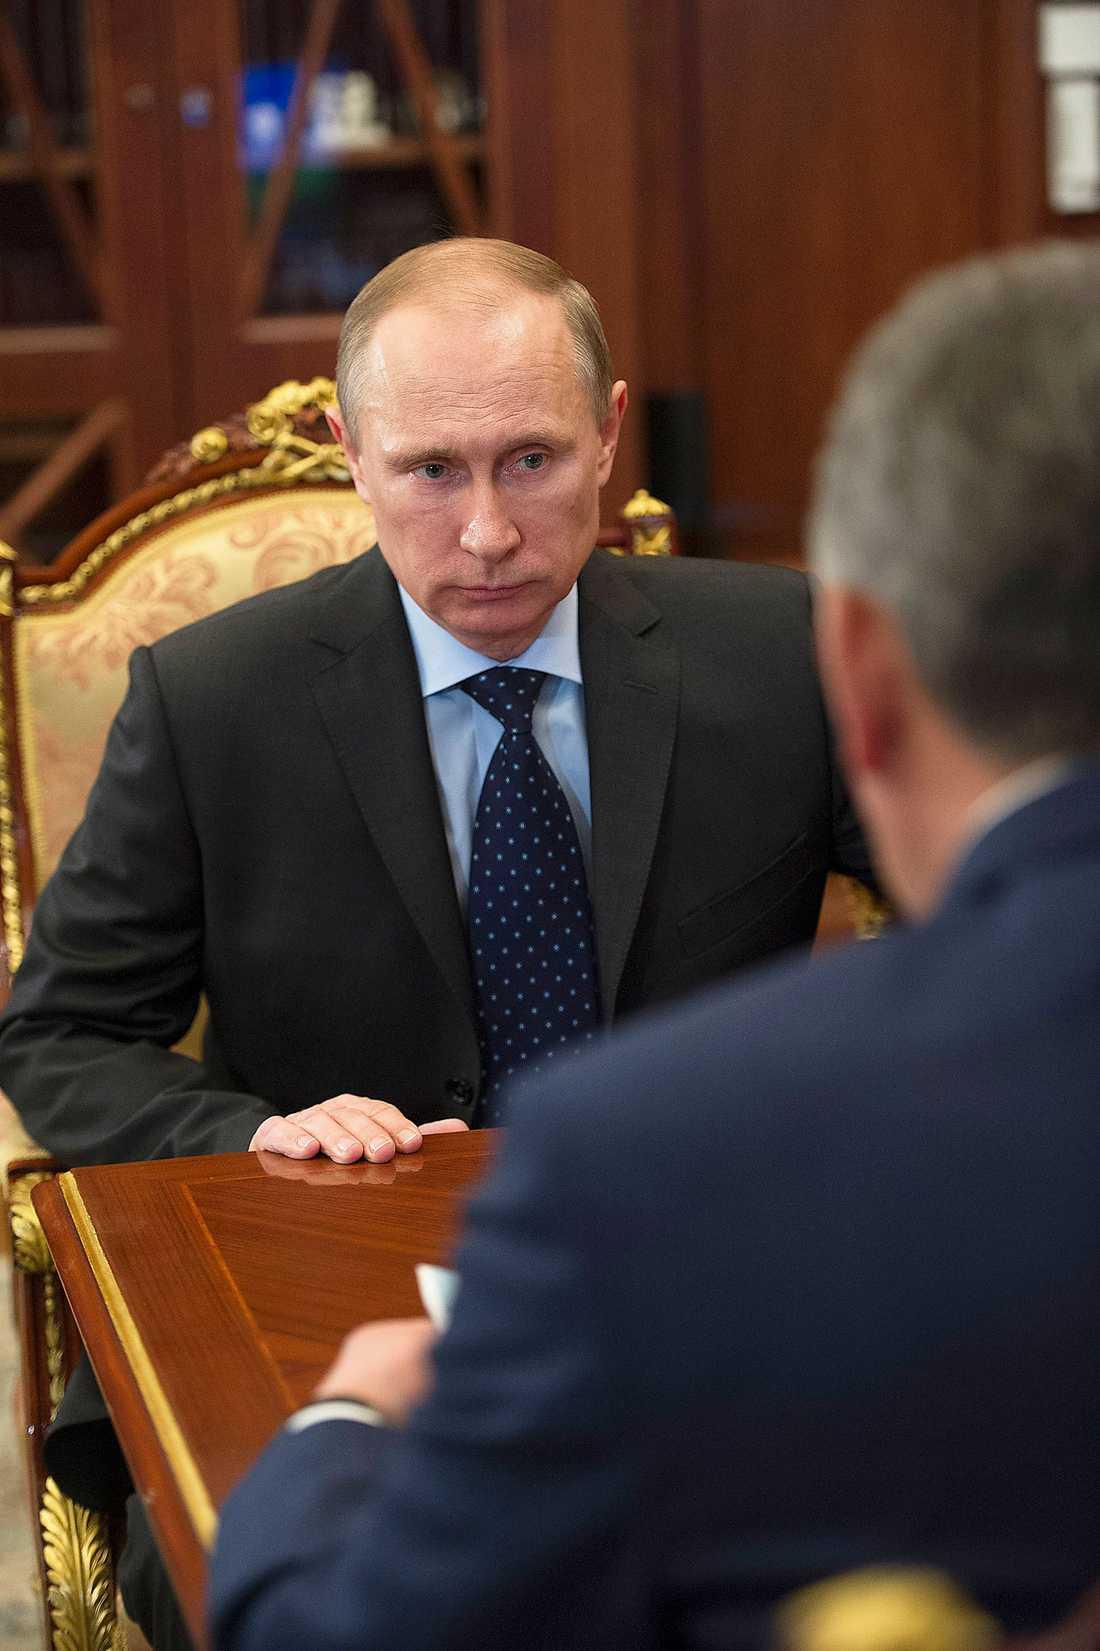 Det ligger i världens intresse av att Rysslands annektering av Ukraina inte accepteras. Eu måste markera.